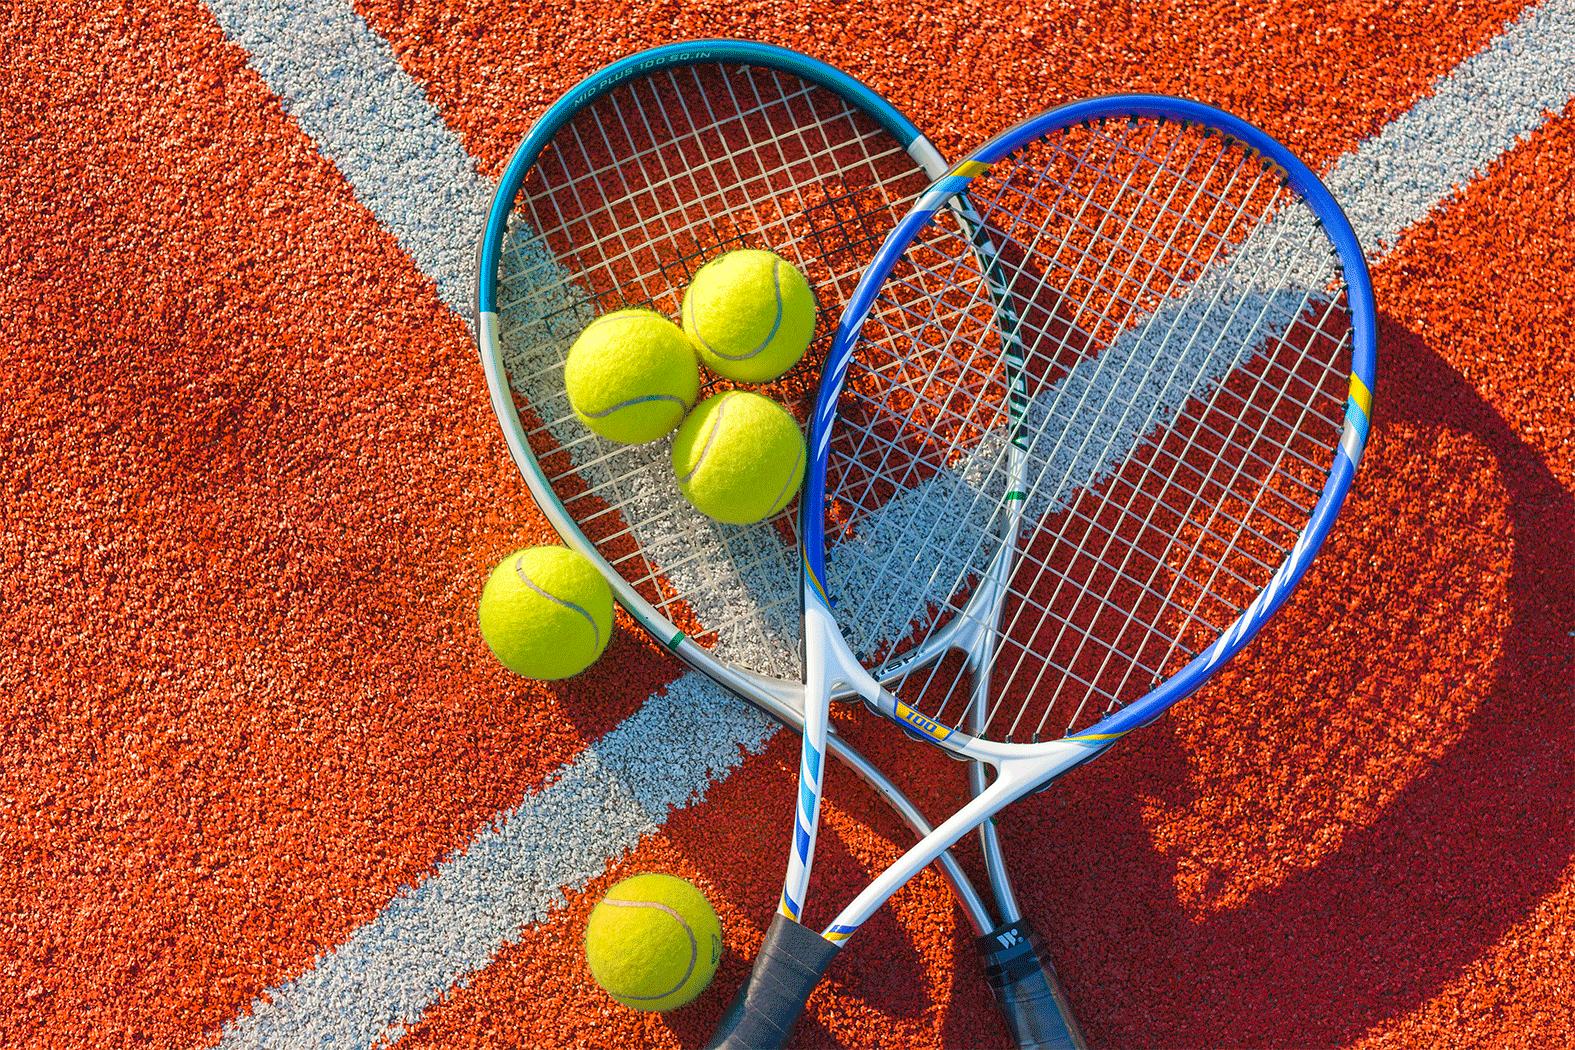 Теннисный центр запустят на территории Сколкова